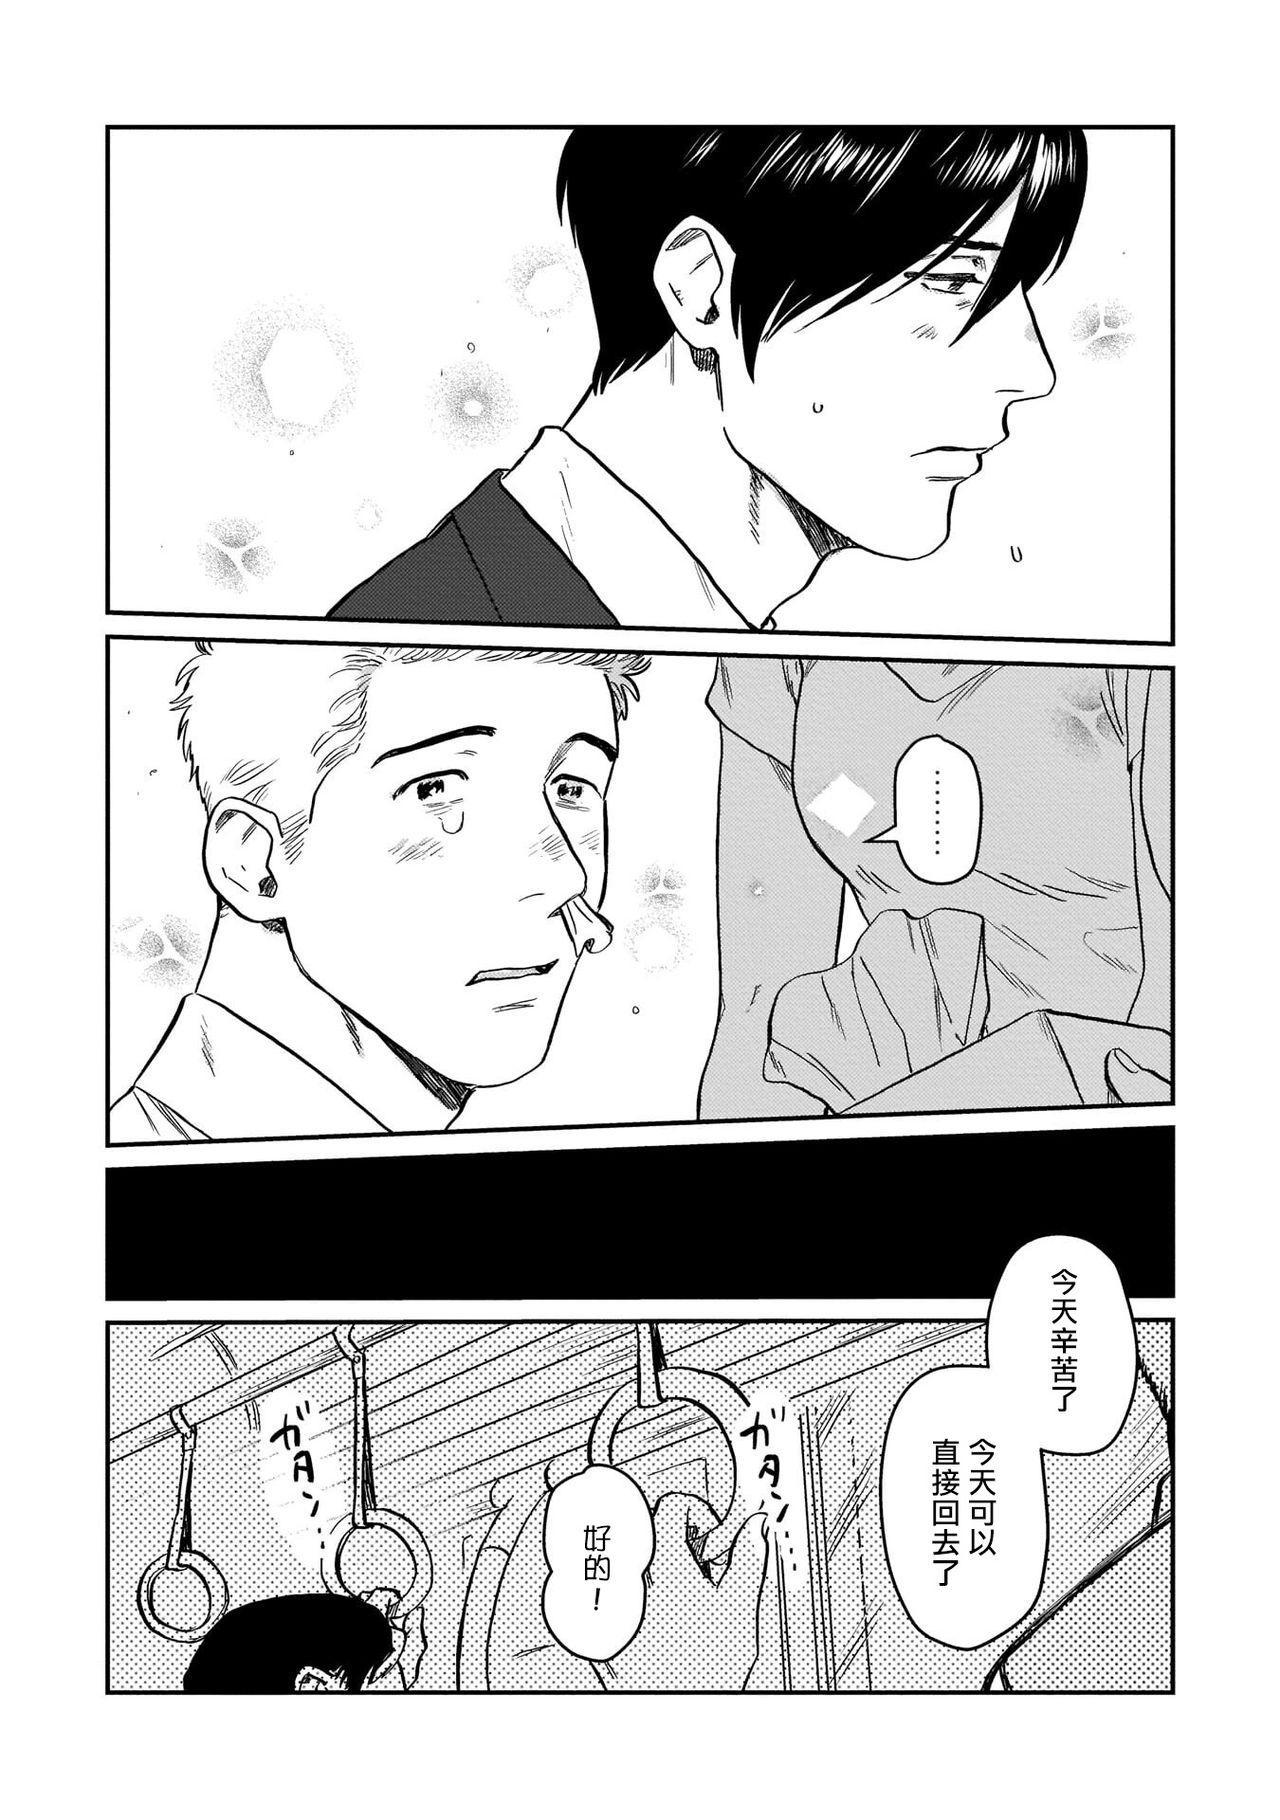 Kouhai no Oppai ga Suki Sugiru | 我太喜欢后辈的奶子了 Ch. 1-2 40